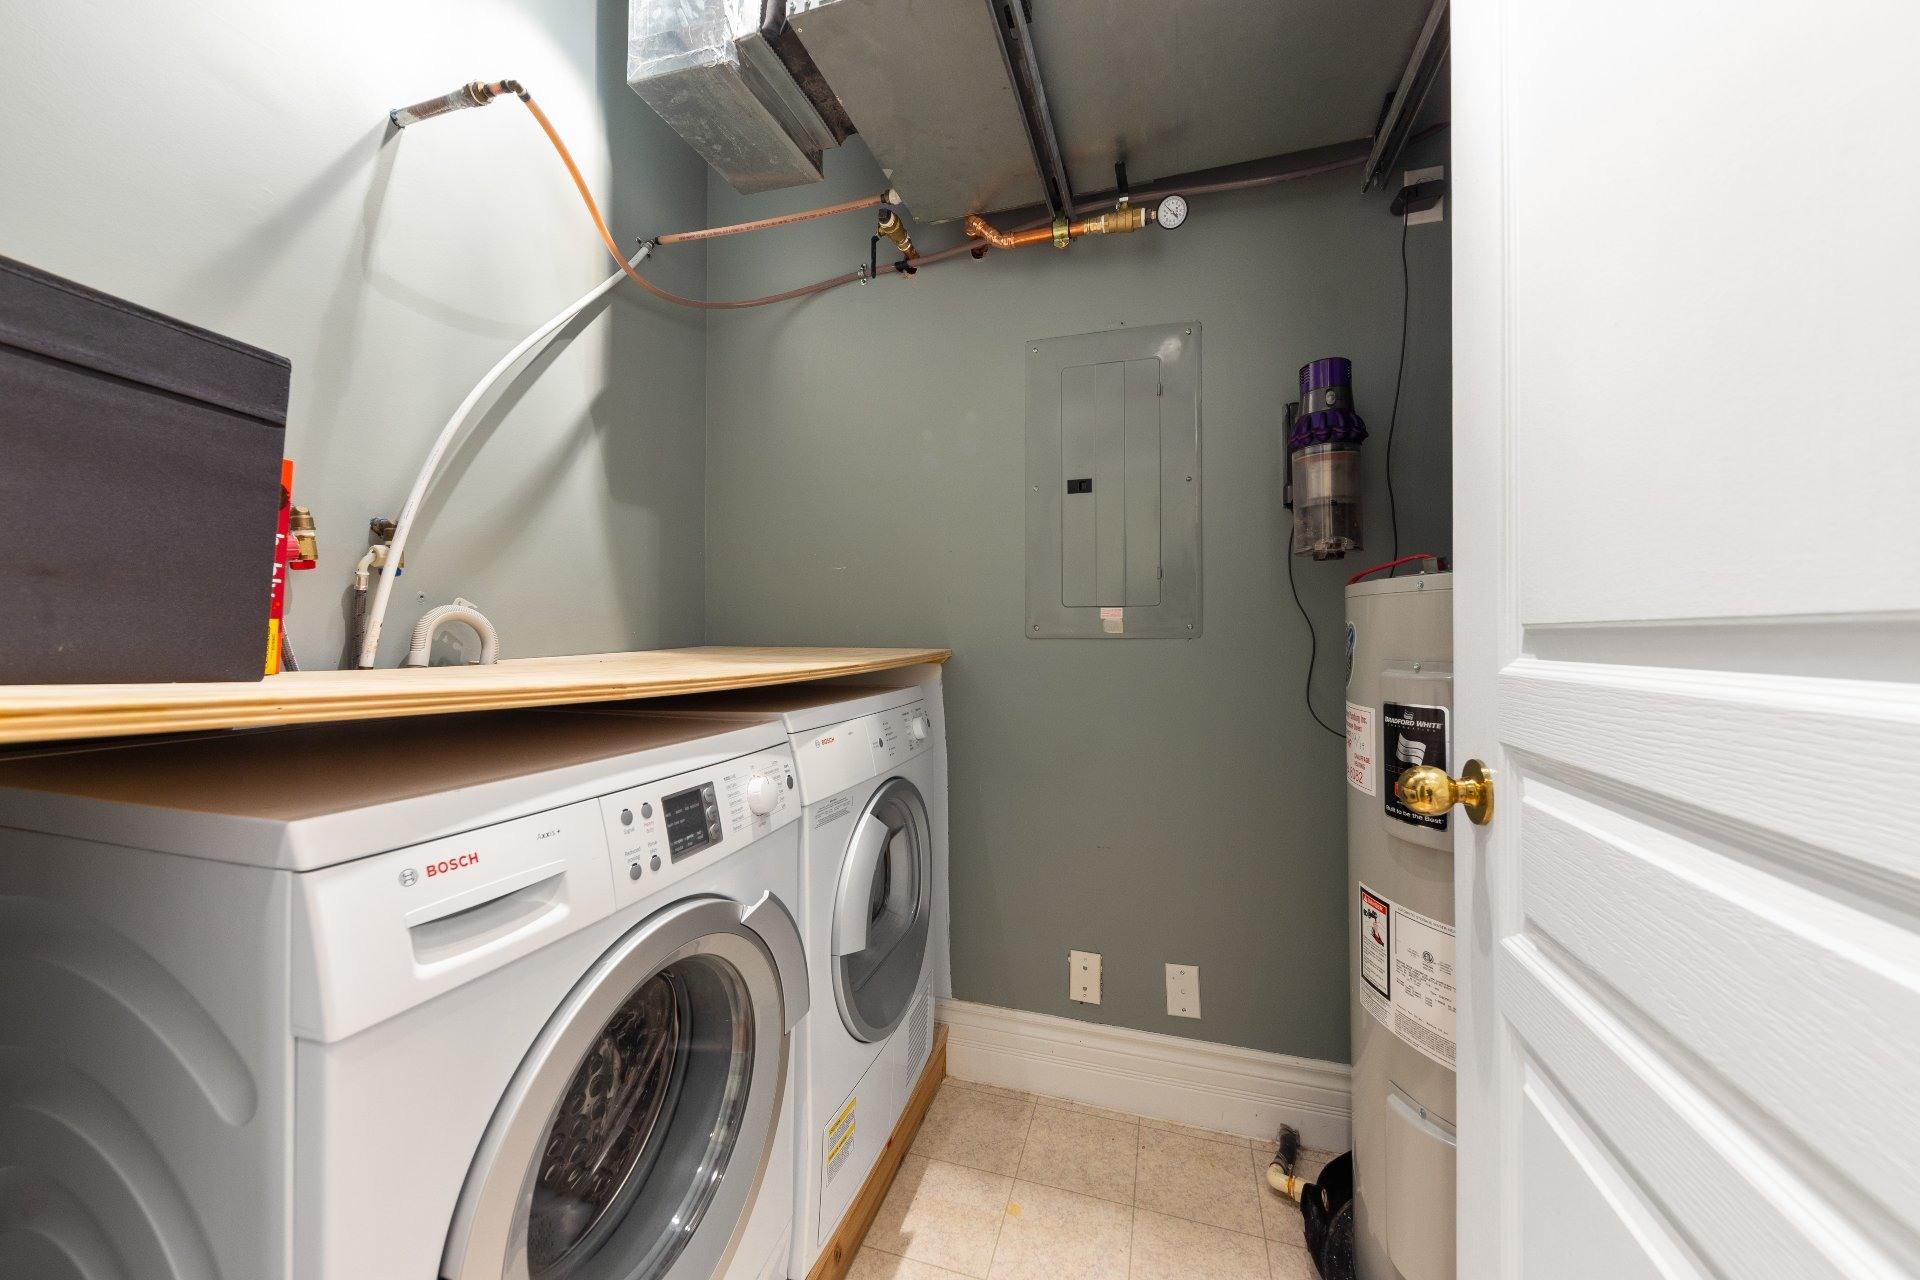 image 33 - 公寓 出售 Le Plateau-Mont-Royal Montréal  - 7 室